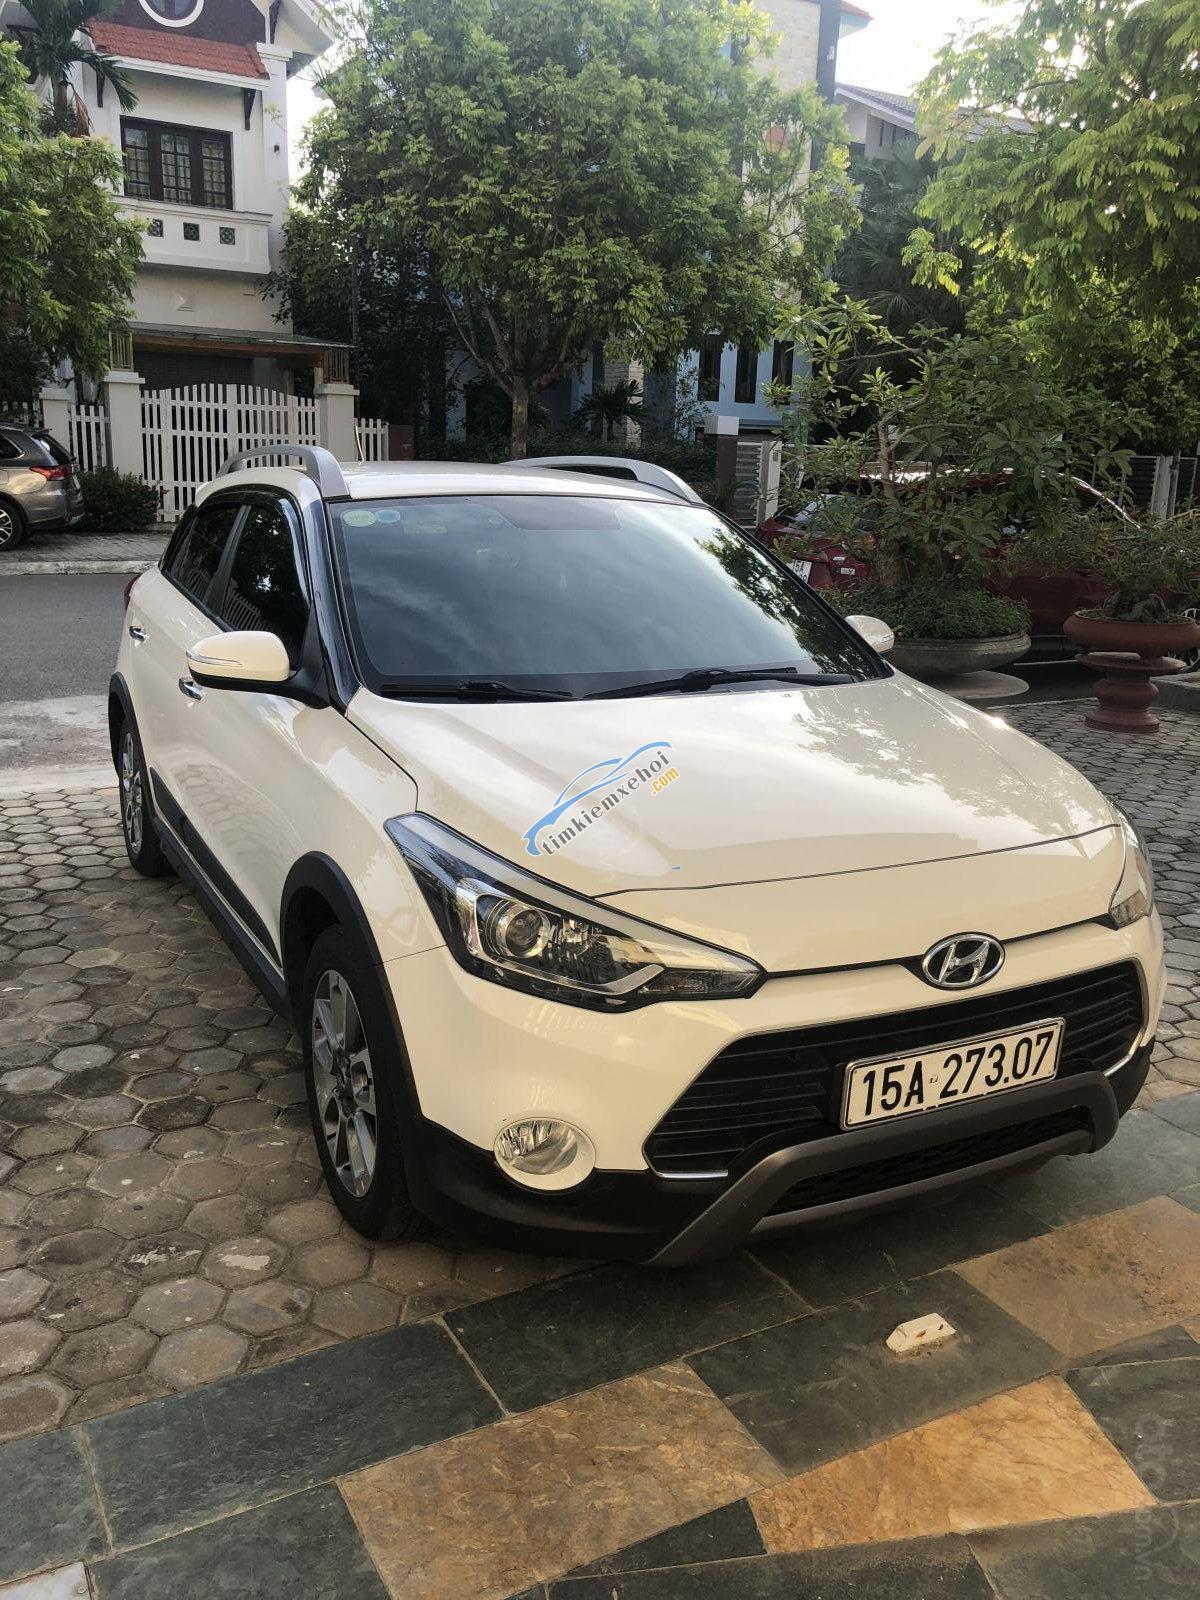 Cần bán xe Hyundai i20 Active 1.4L sản xuất 2016, màu trắng, nhập khẩu